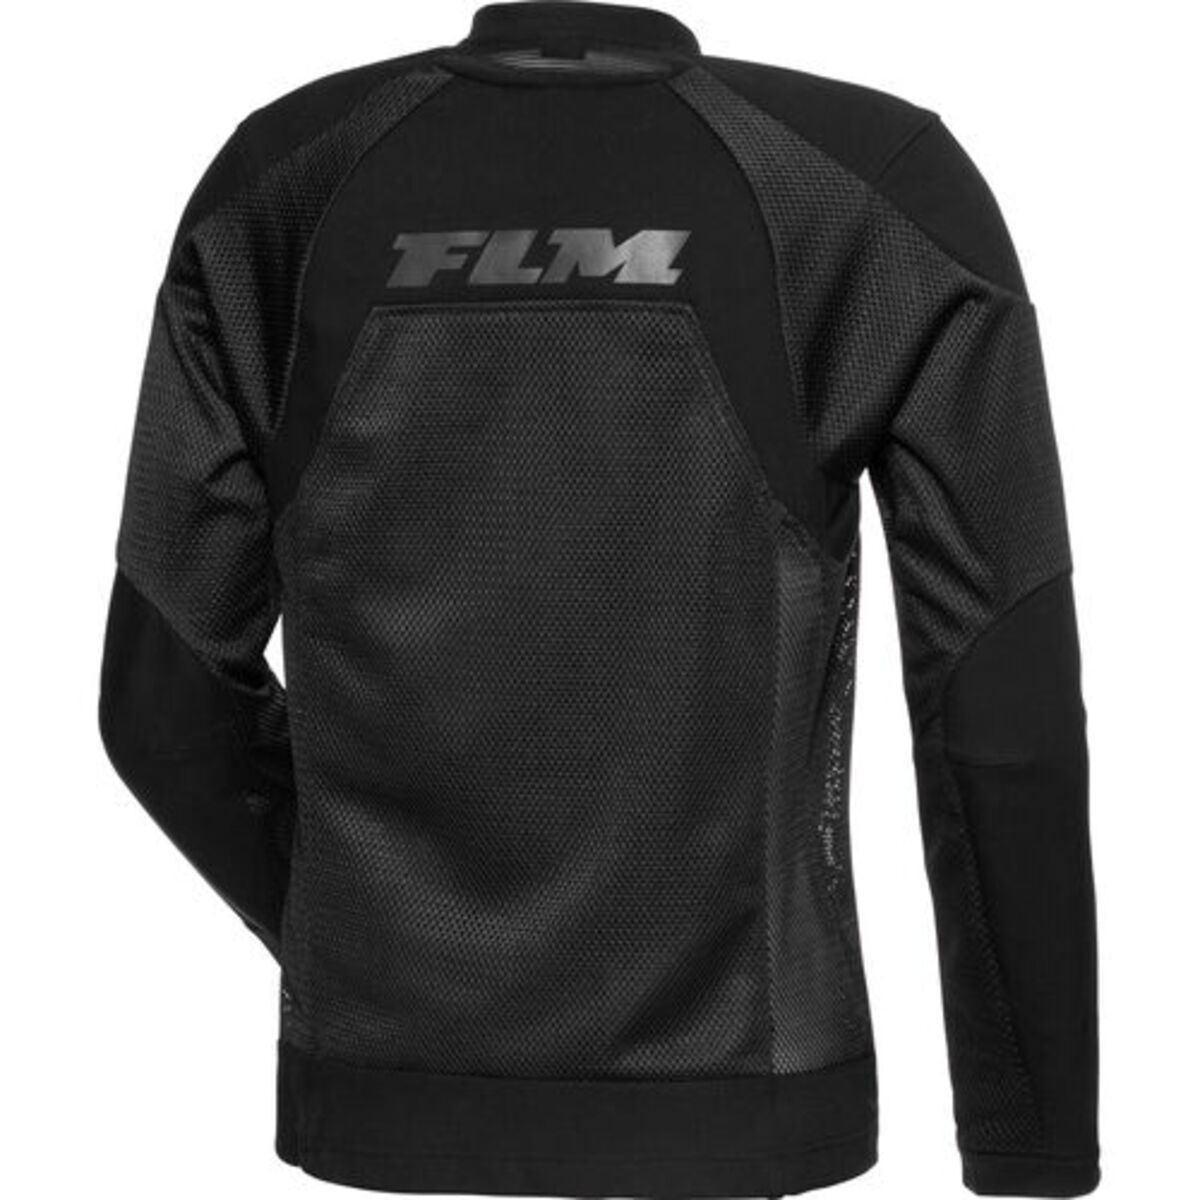 Bild 2 von FLM            Sommer Textiljacke 3.0 schwarz